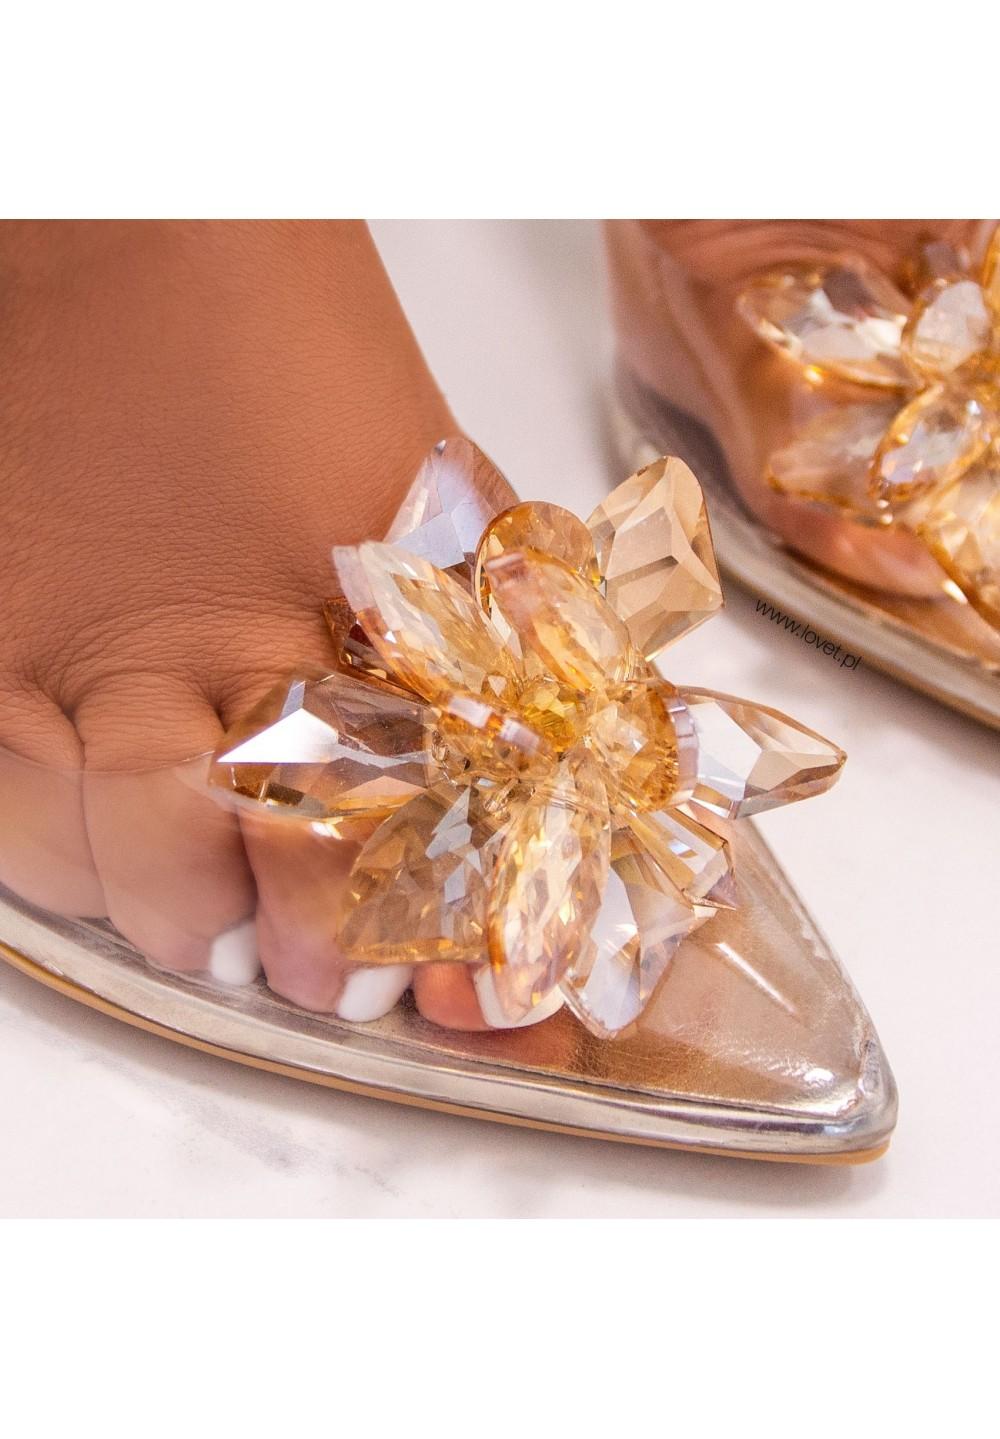 Szpilki Złote Transparentne Z Kwiatkiem Danielle